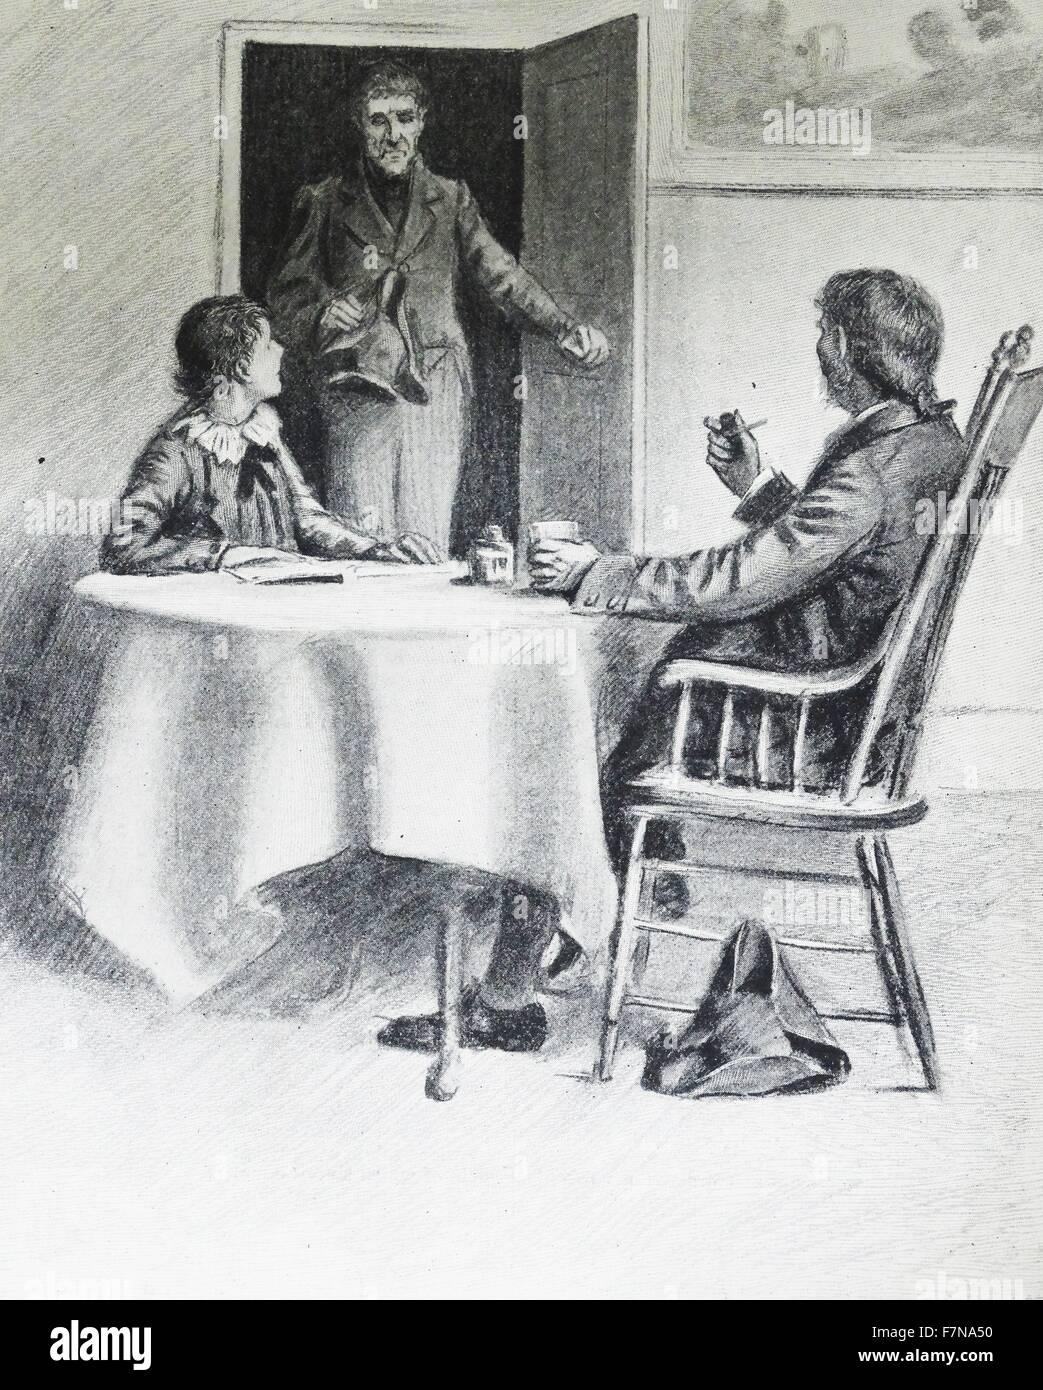 Frau robinson datiert